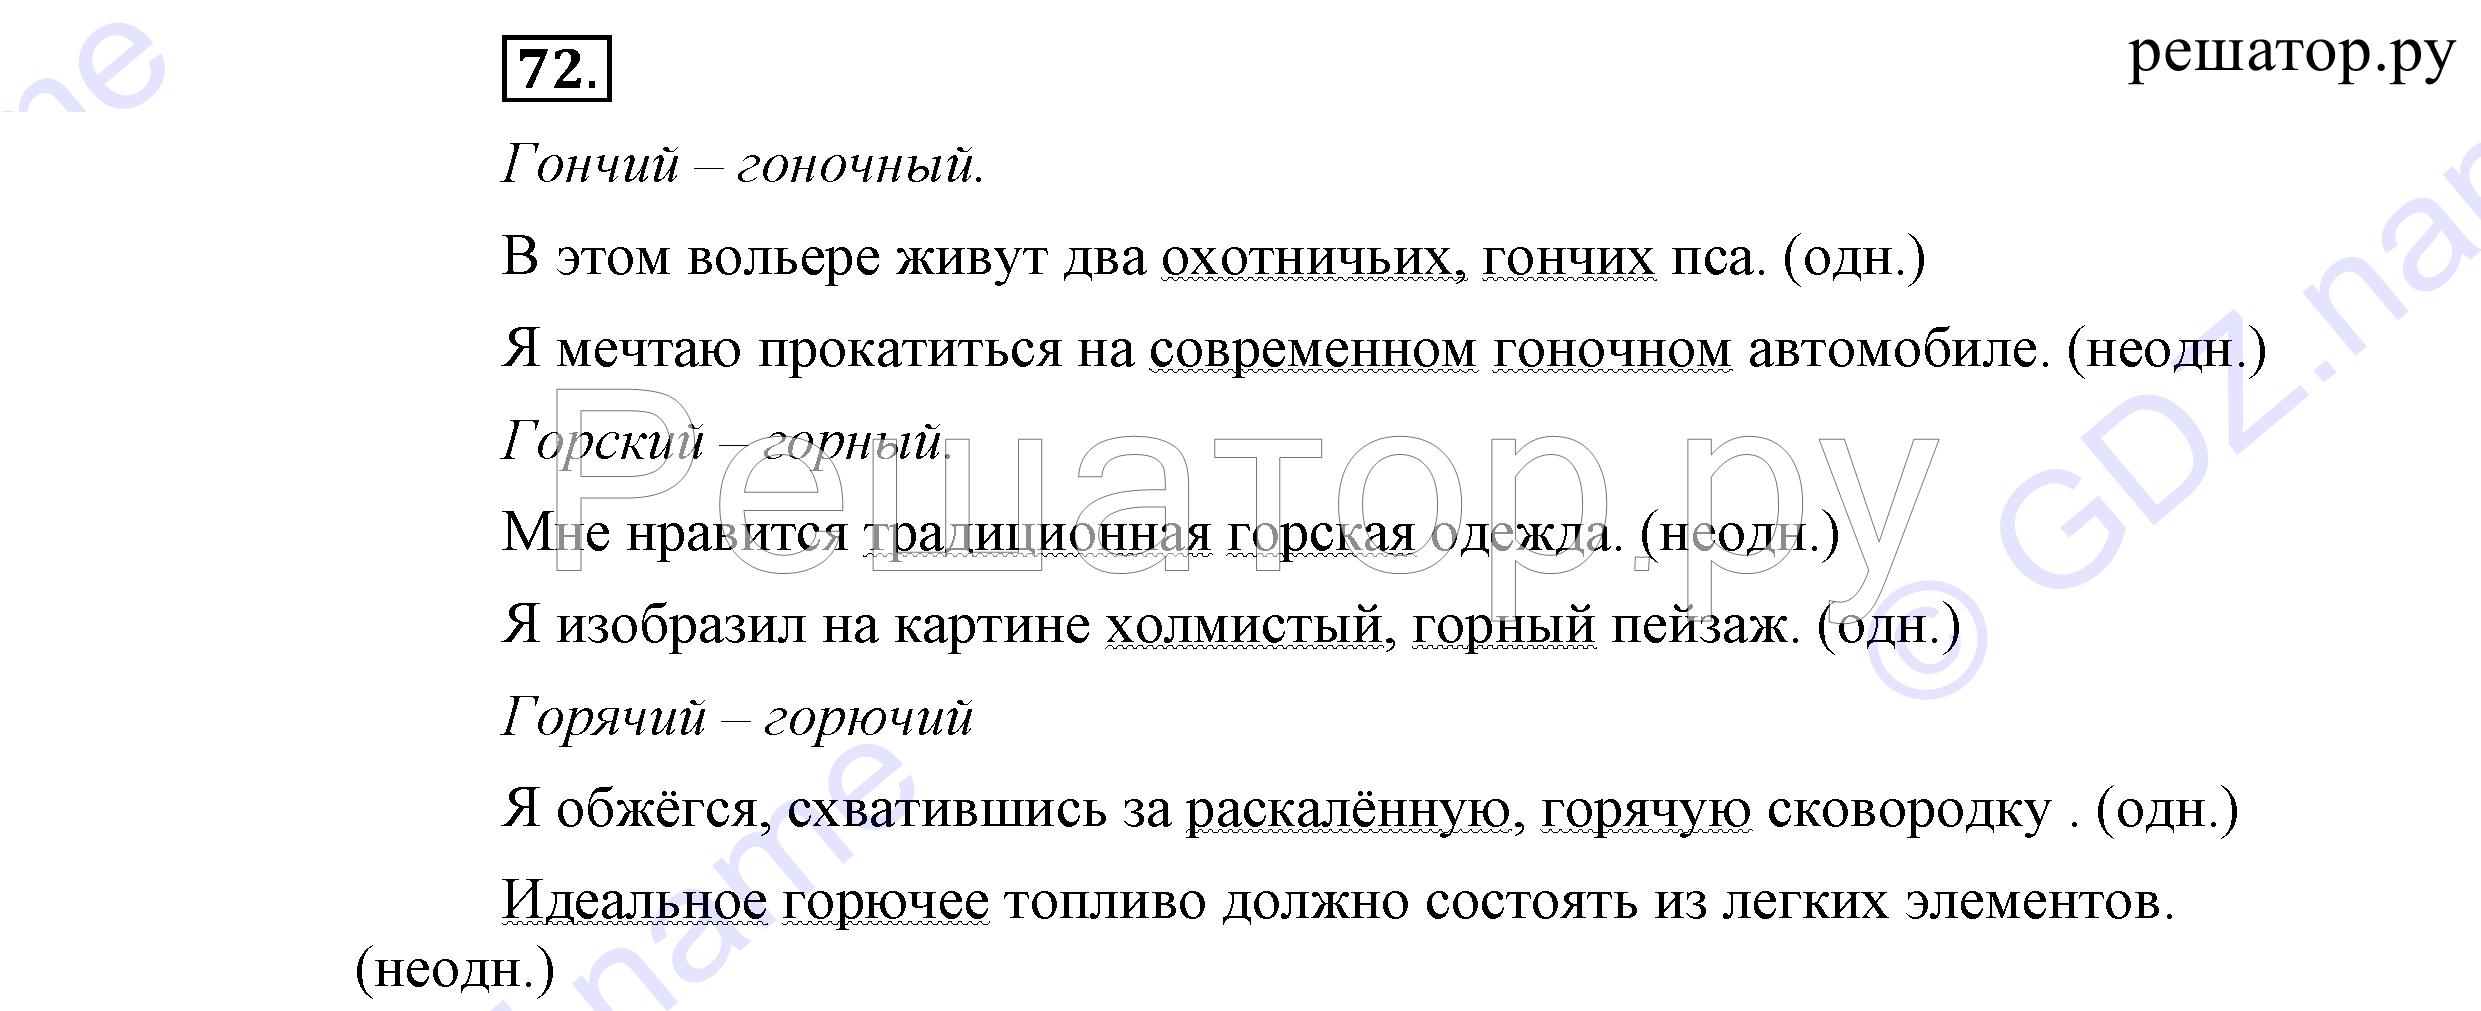 Гдз по русскому за 9 класс на телефон